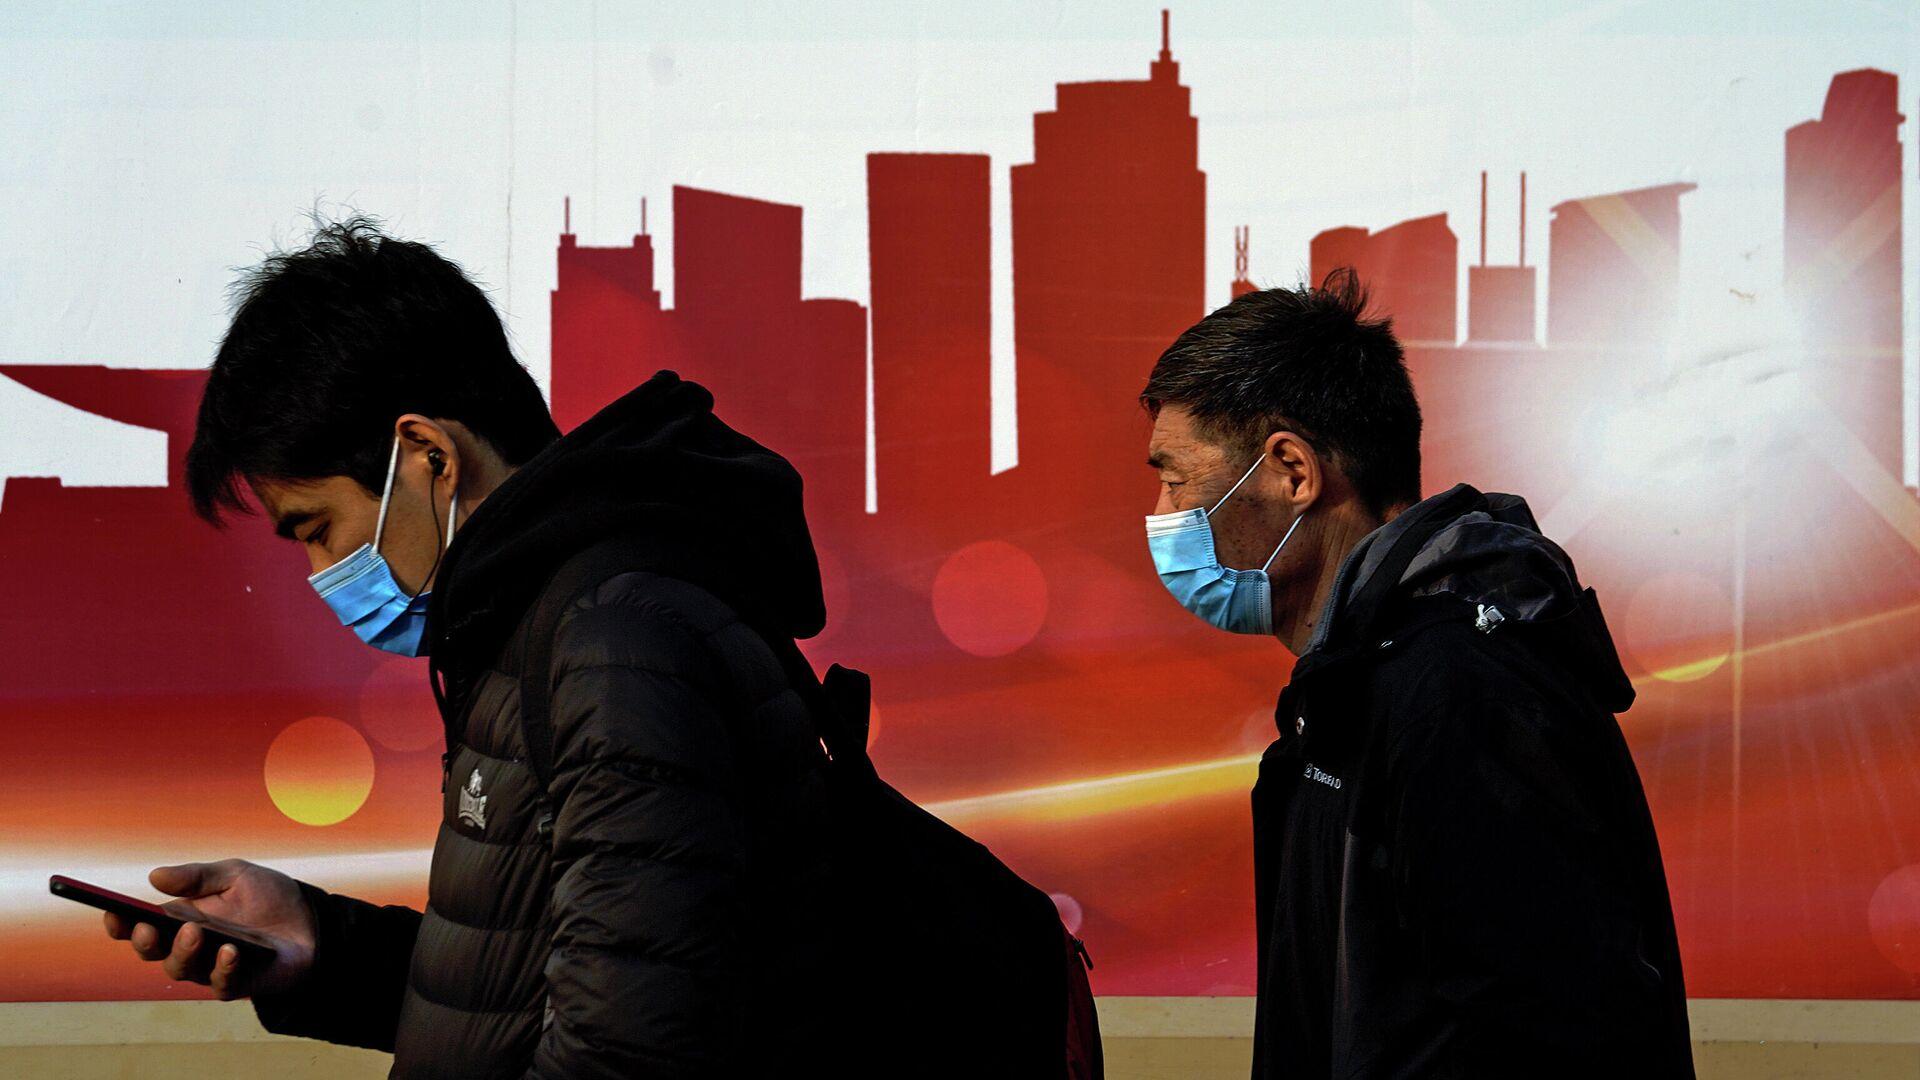 Люди в защитных масках на улице в Пекине, Китай  - РИА Новости, 1920, 20.01.2021